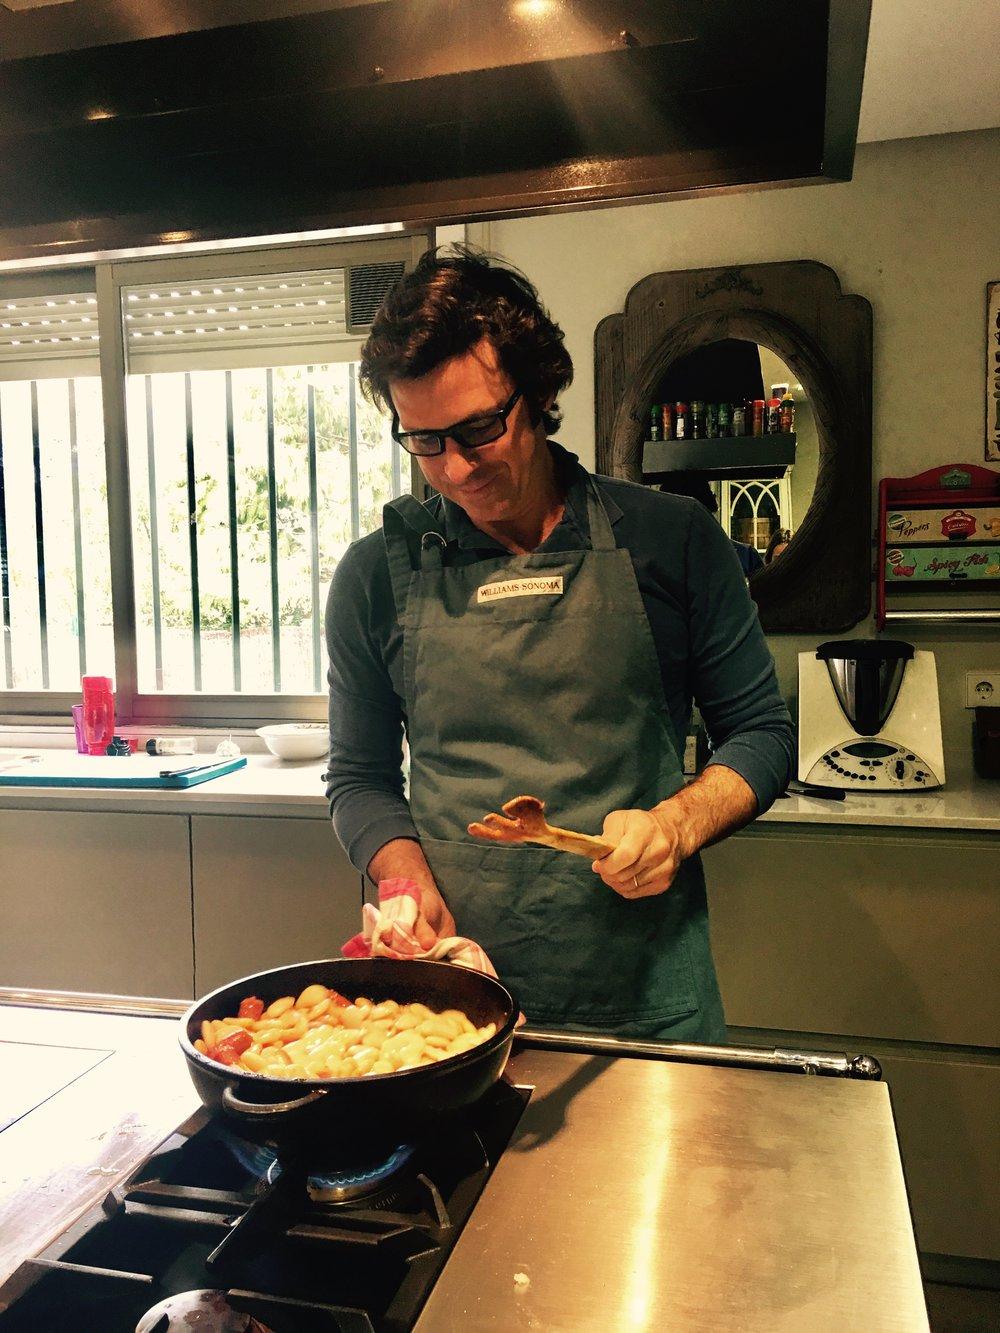 Mi chef cocinando, guapo!